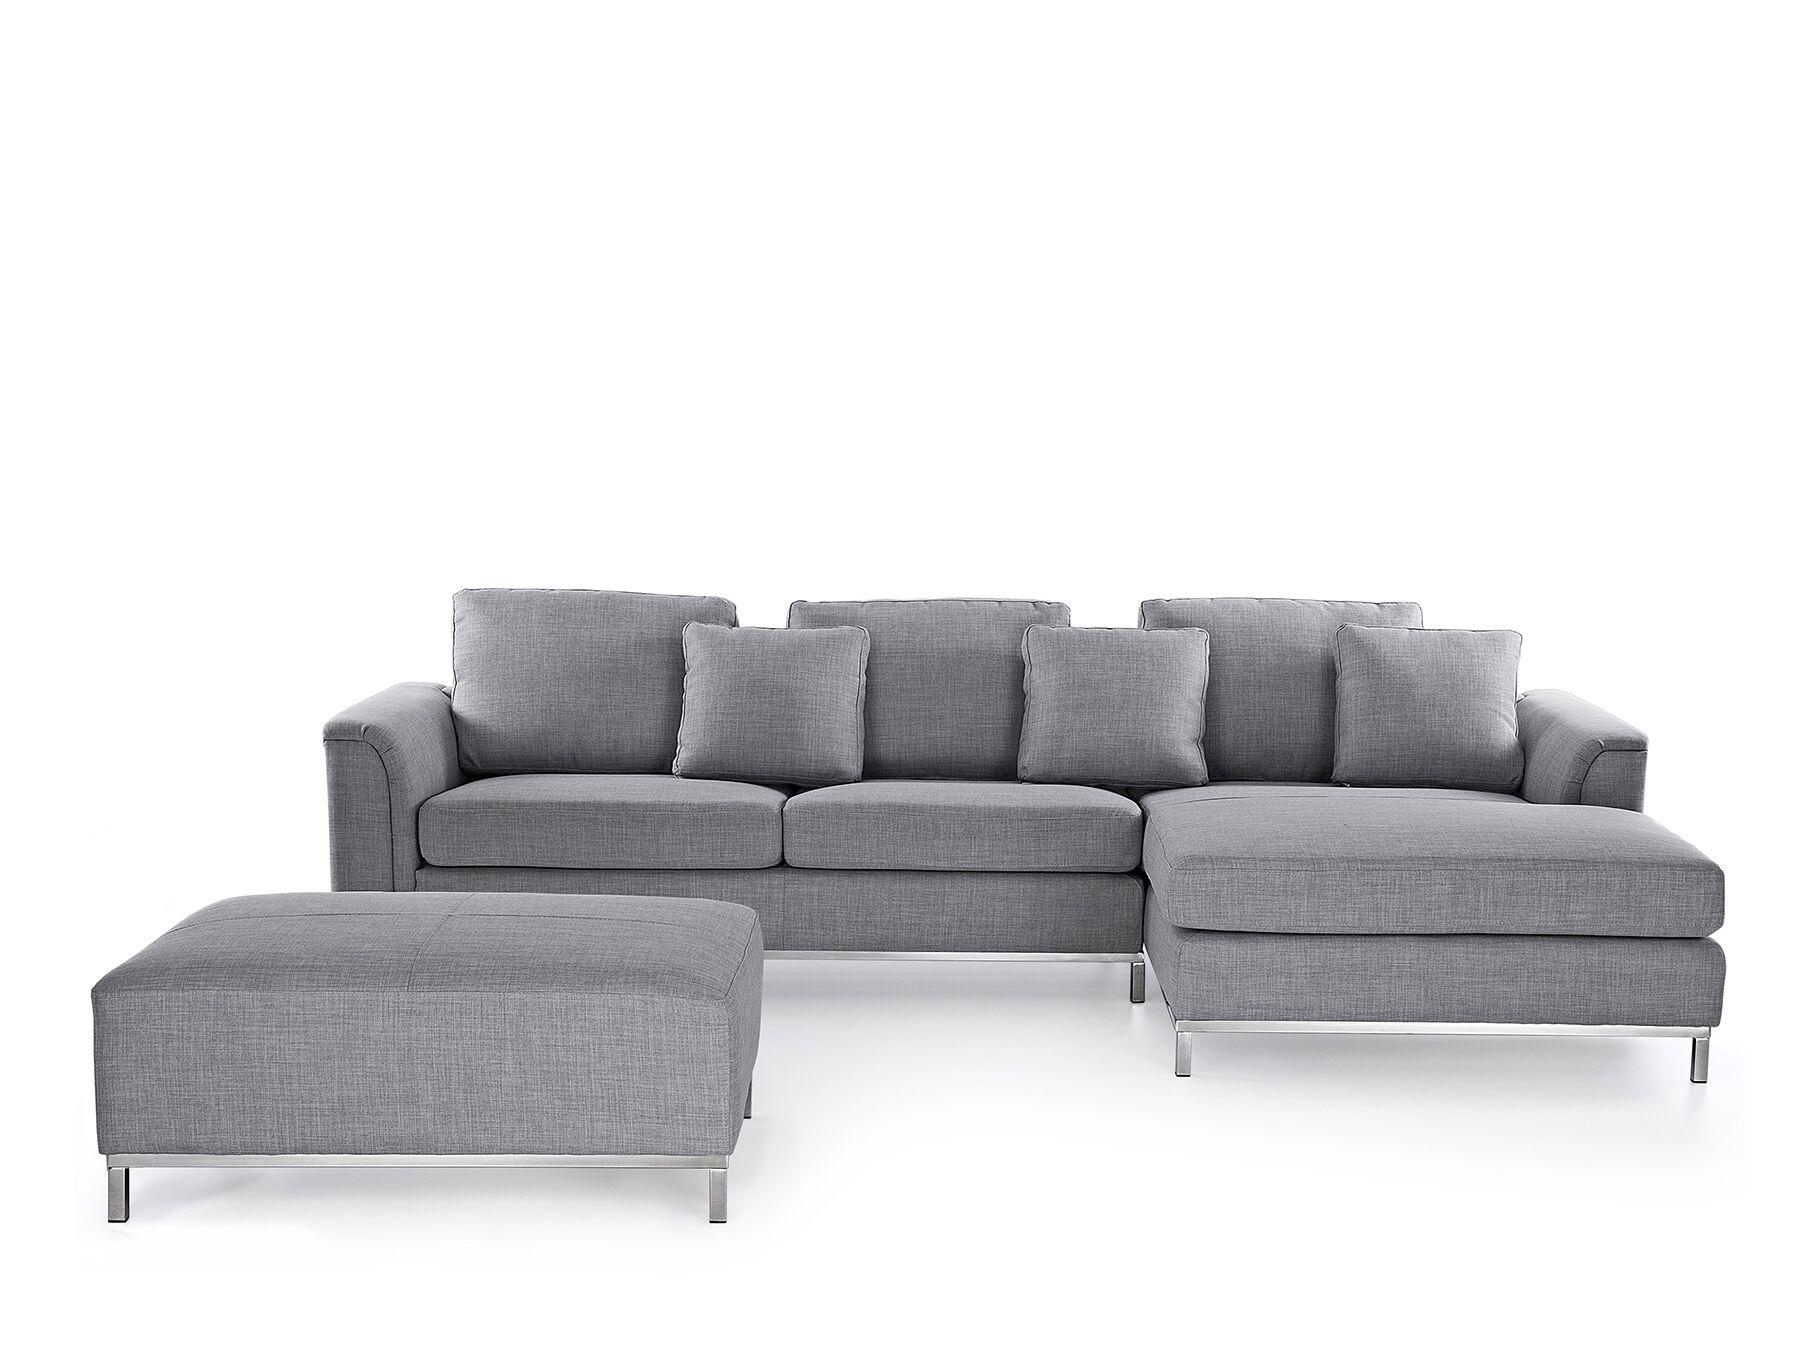 Canapé angle à gauche 4 places en tissu gris clair avec pouf